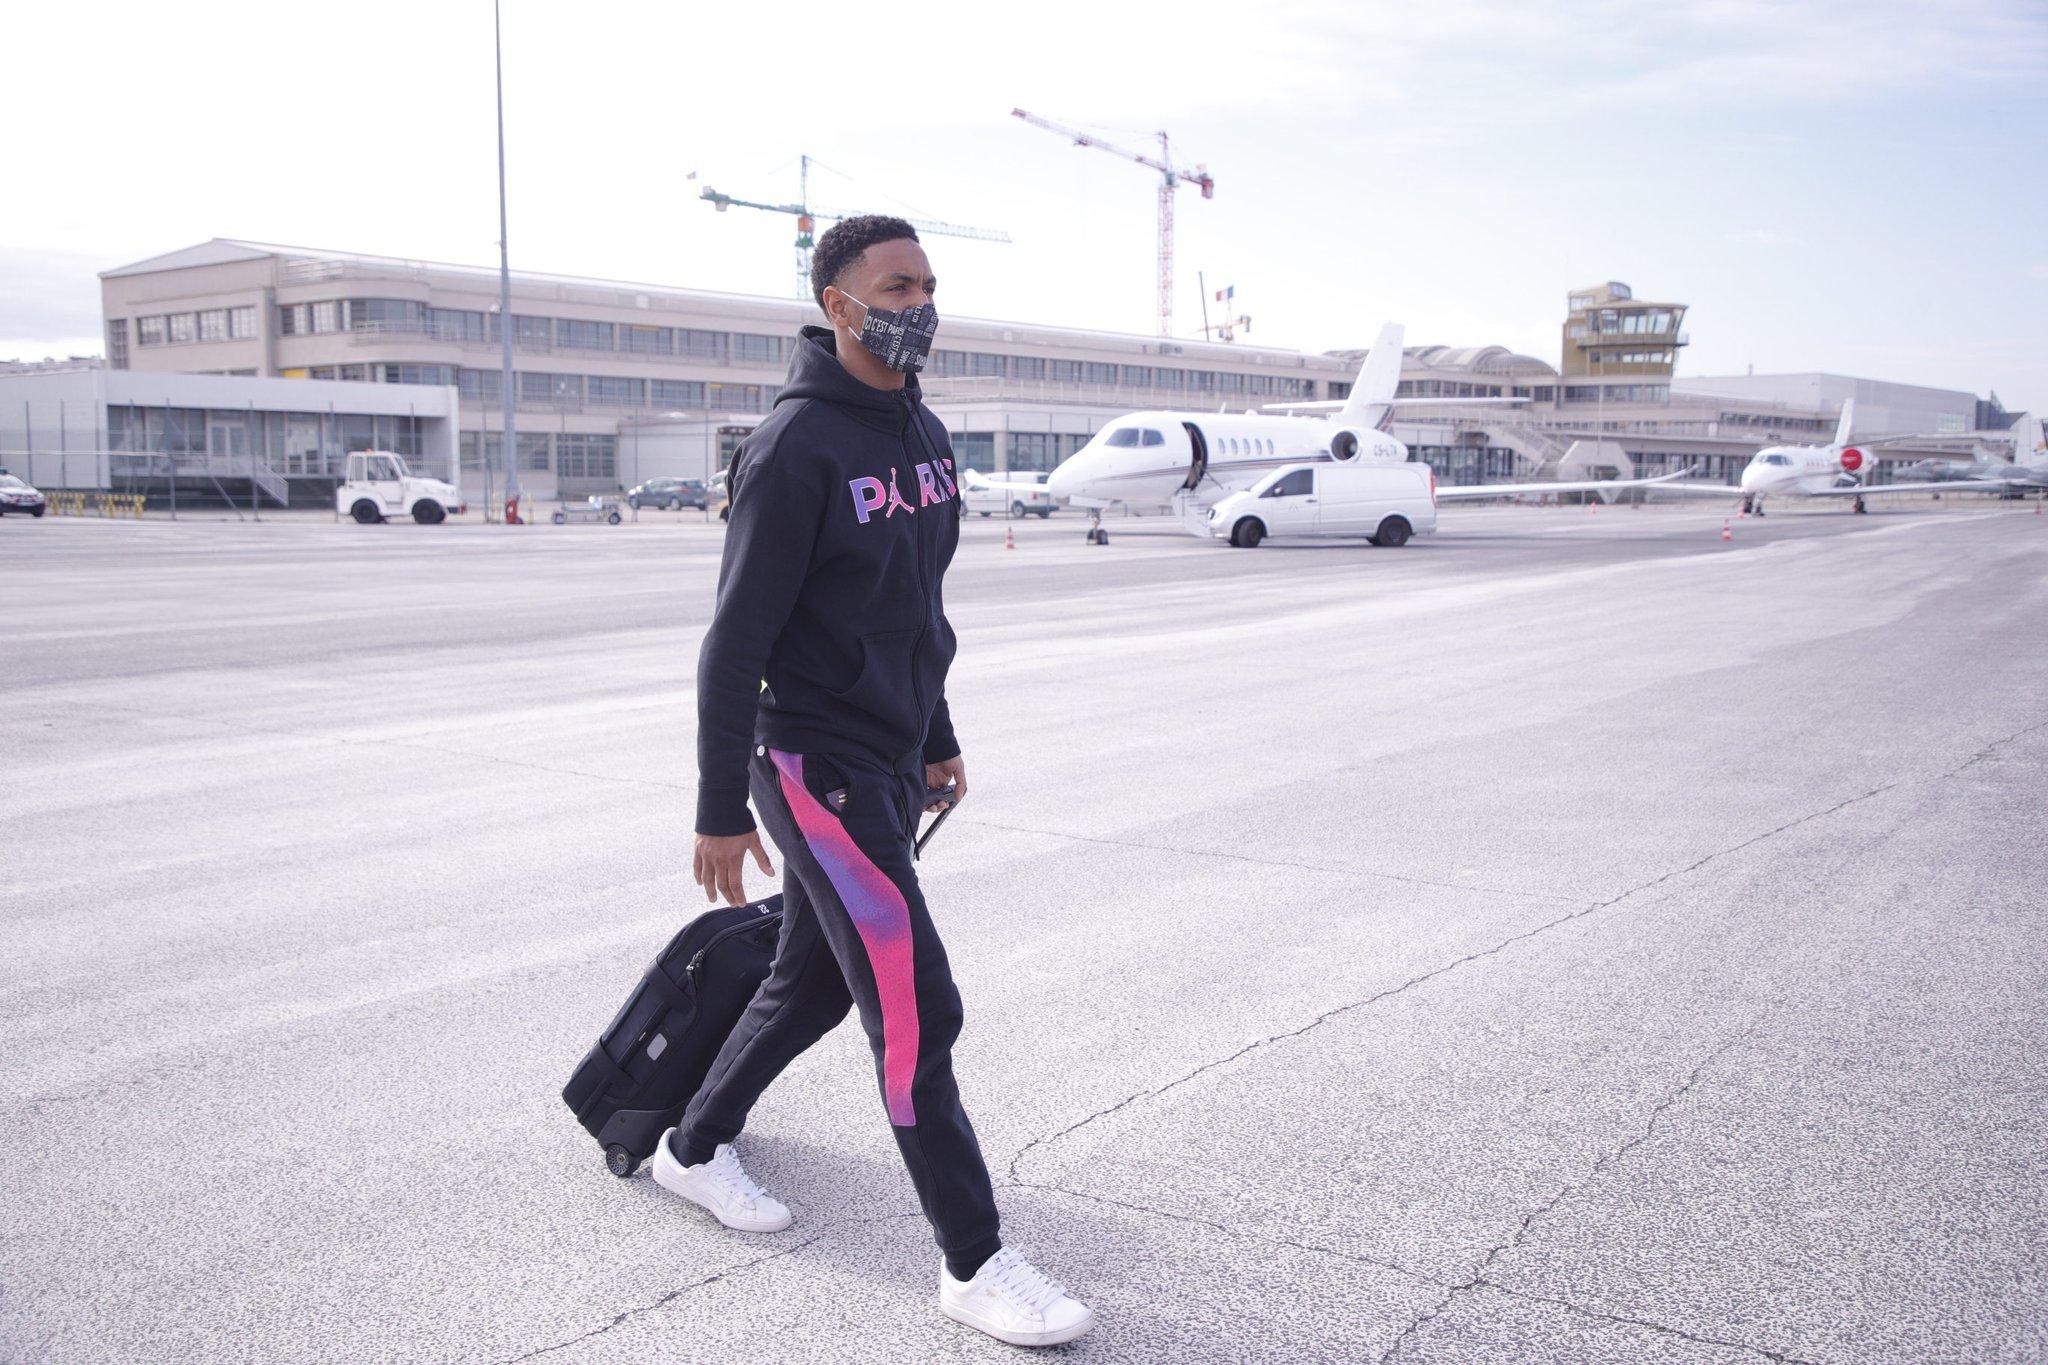 لاعب باريس سان جيرمان يتوجه للطائرة